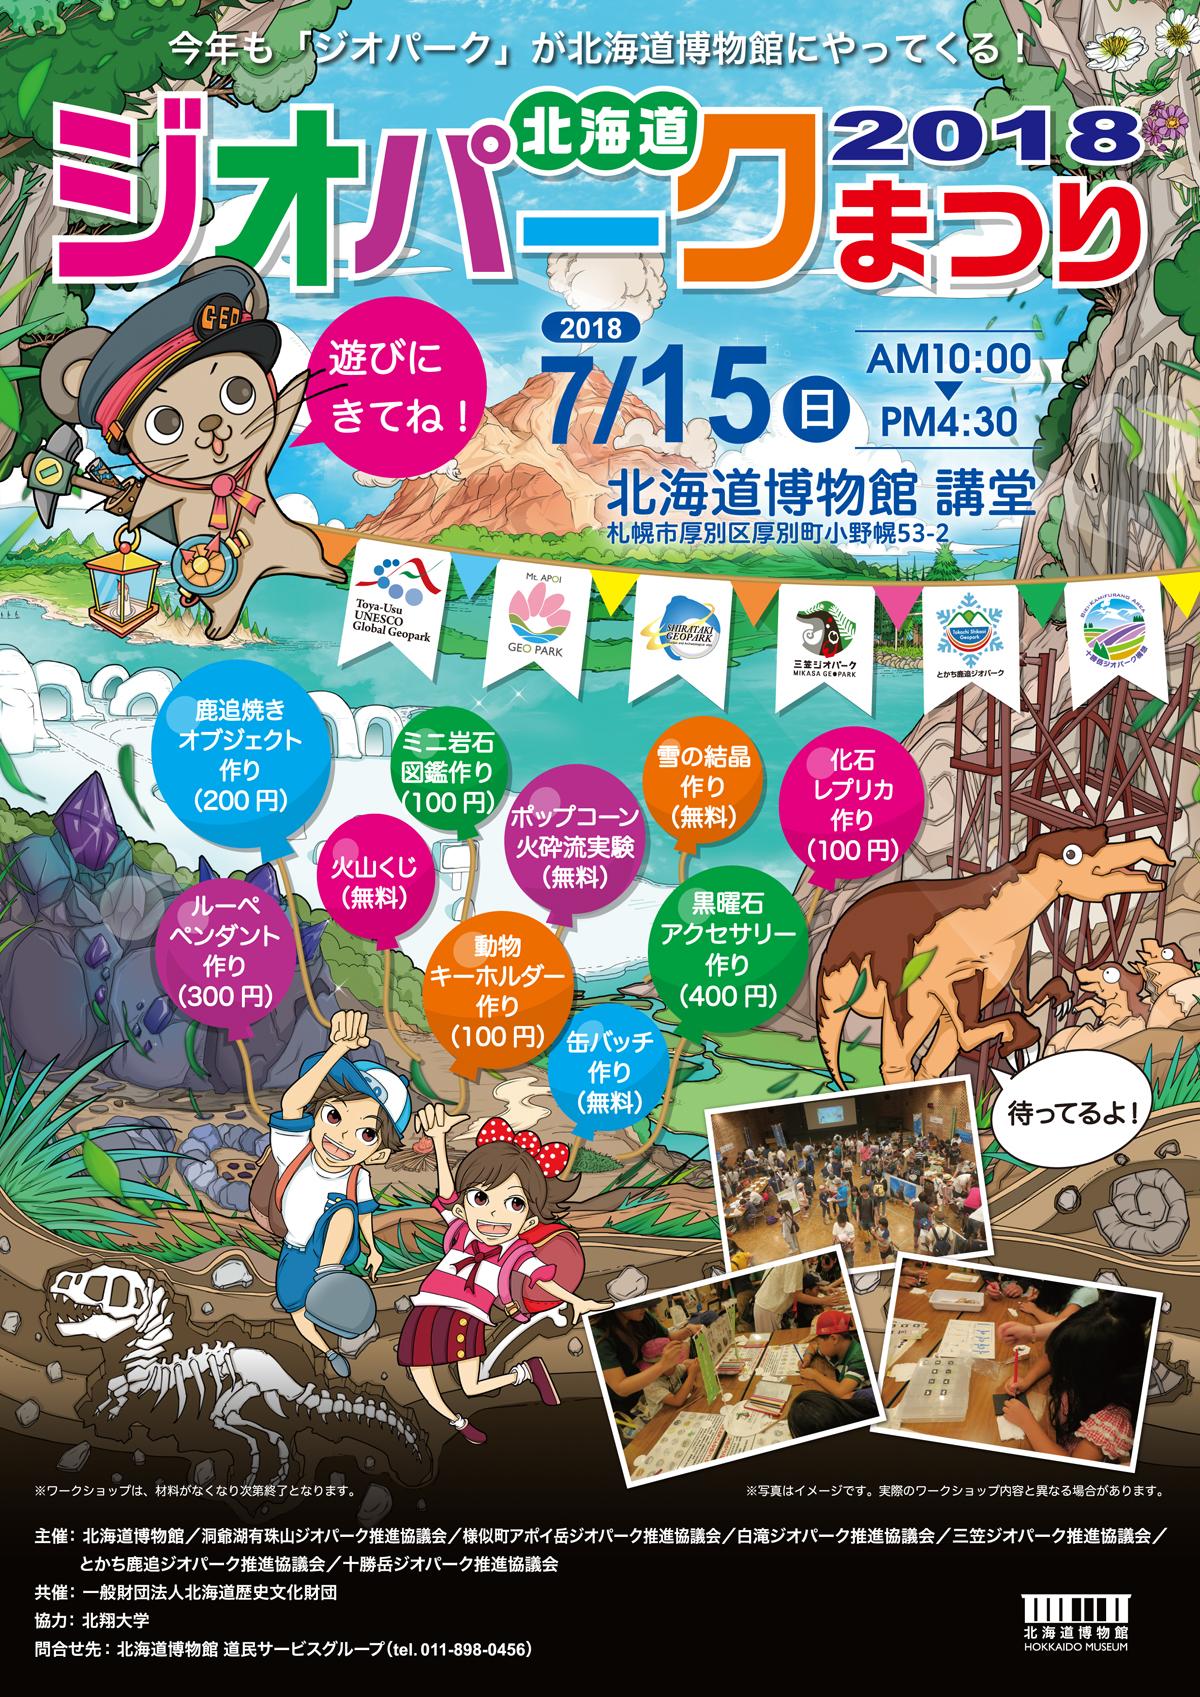 特別イベント<br>北海道ジオパークまつり2018